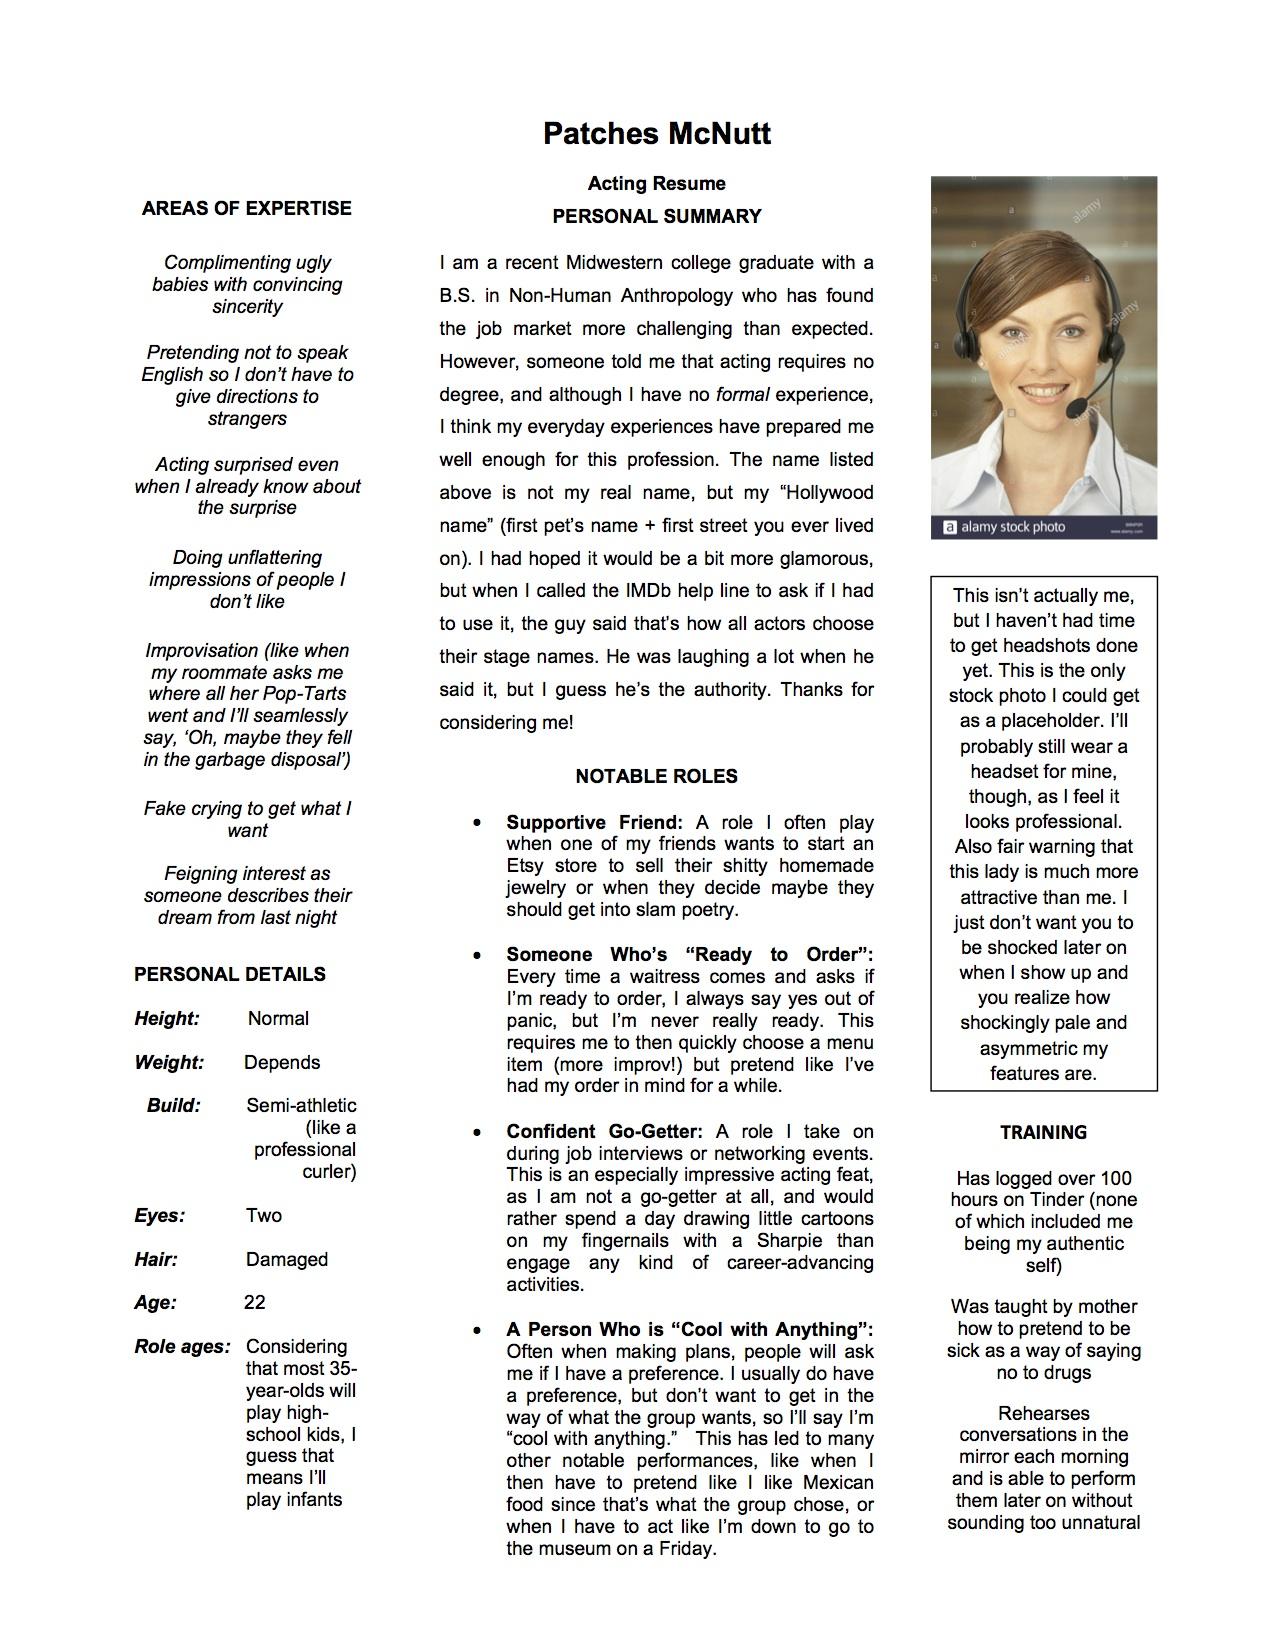 My Acting Resume The Sundial Humor Magazine